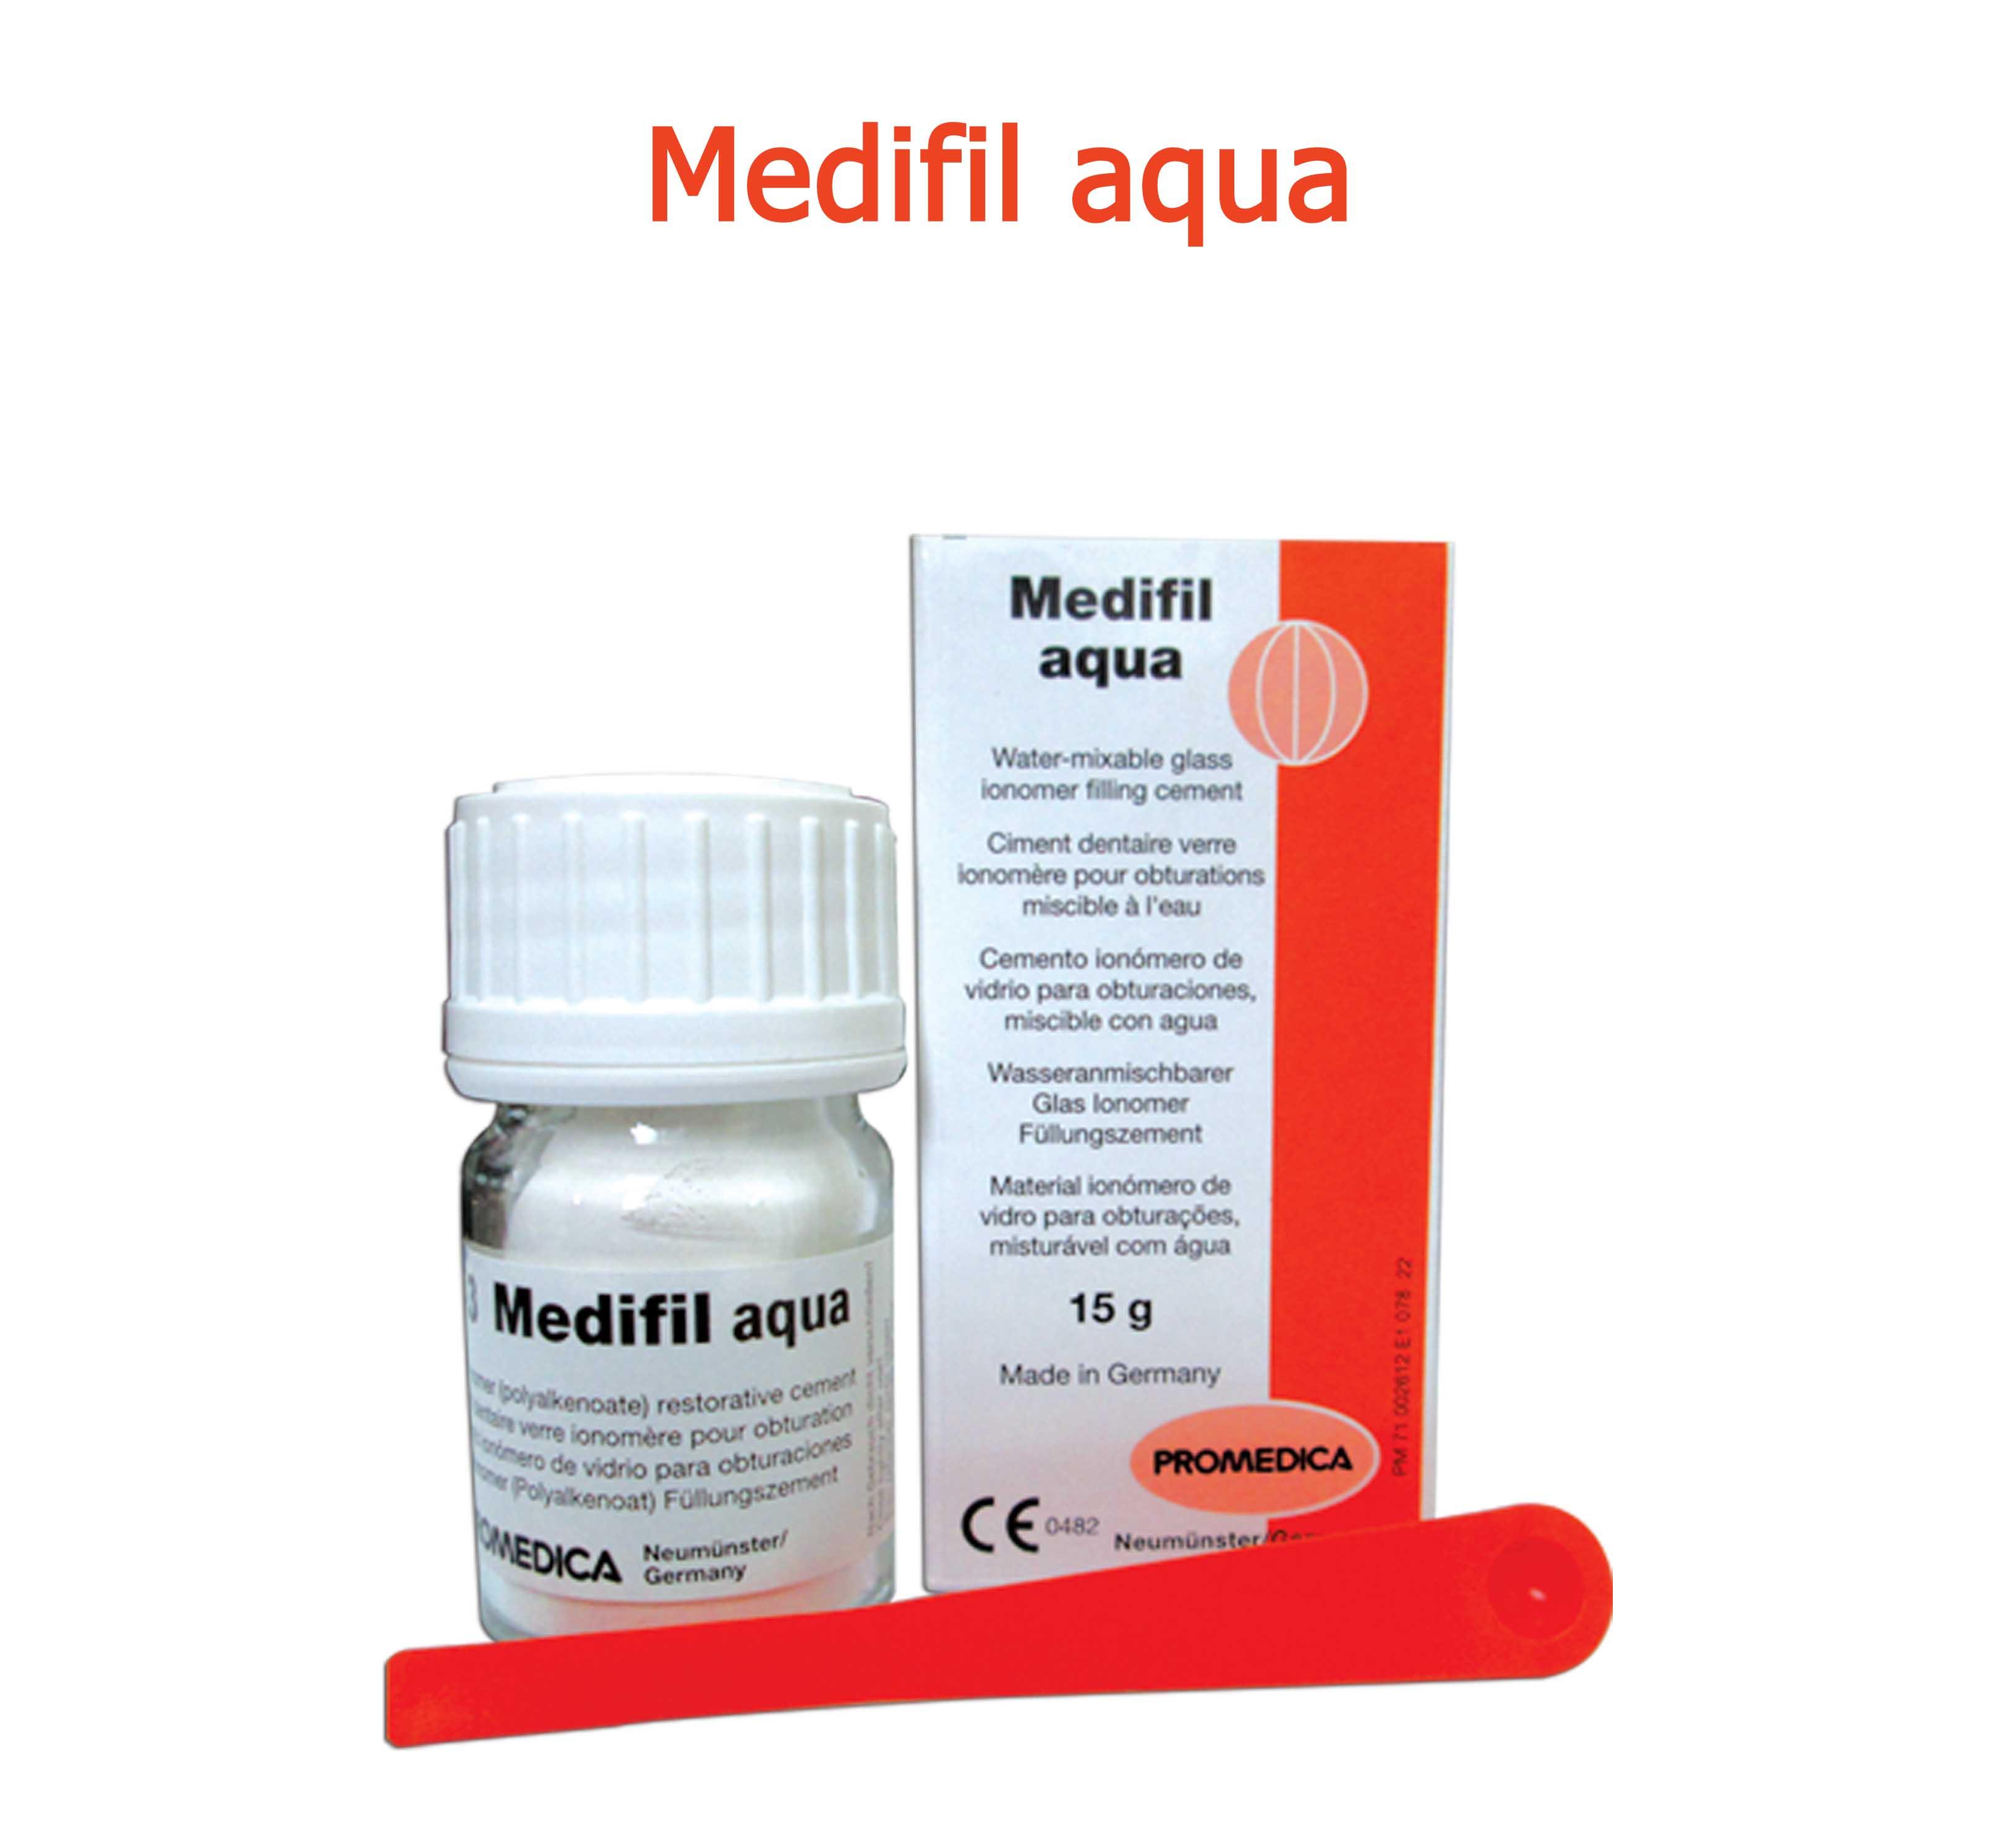 Medifil Aqua